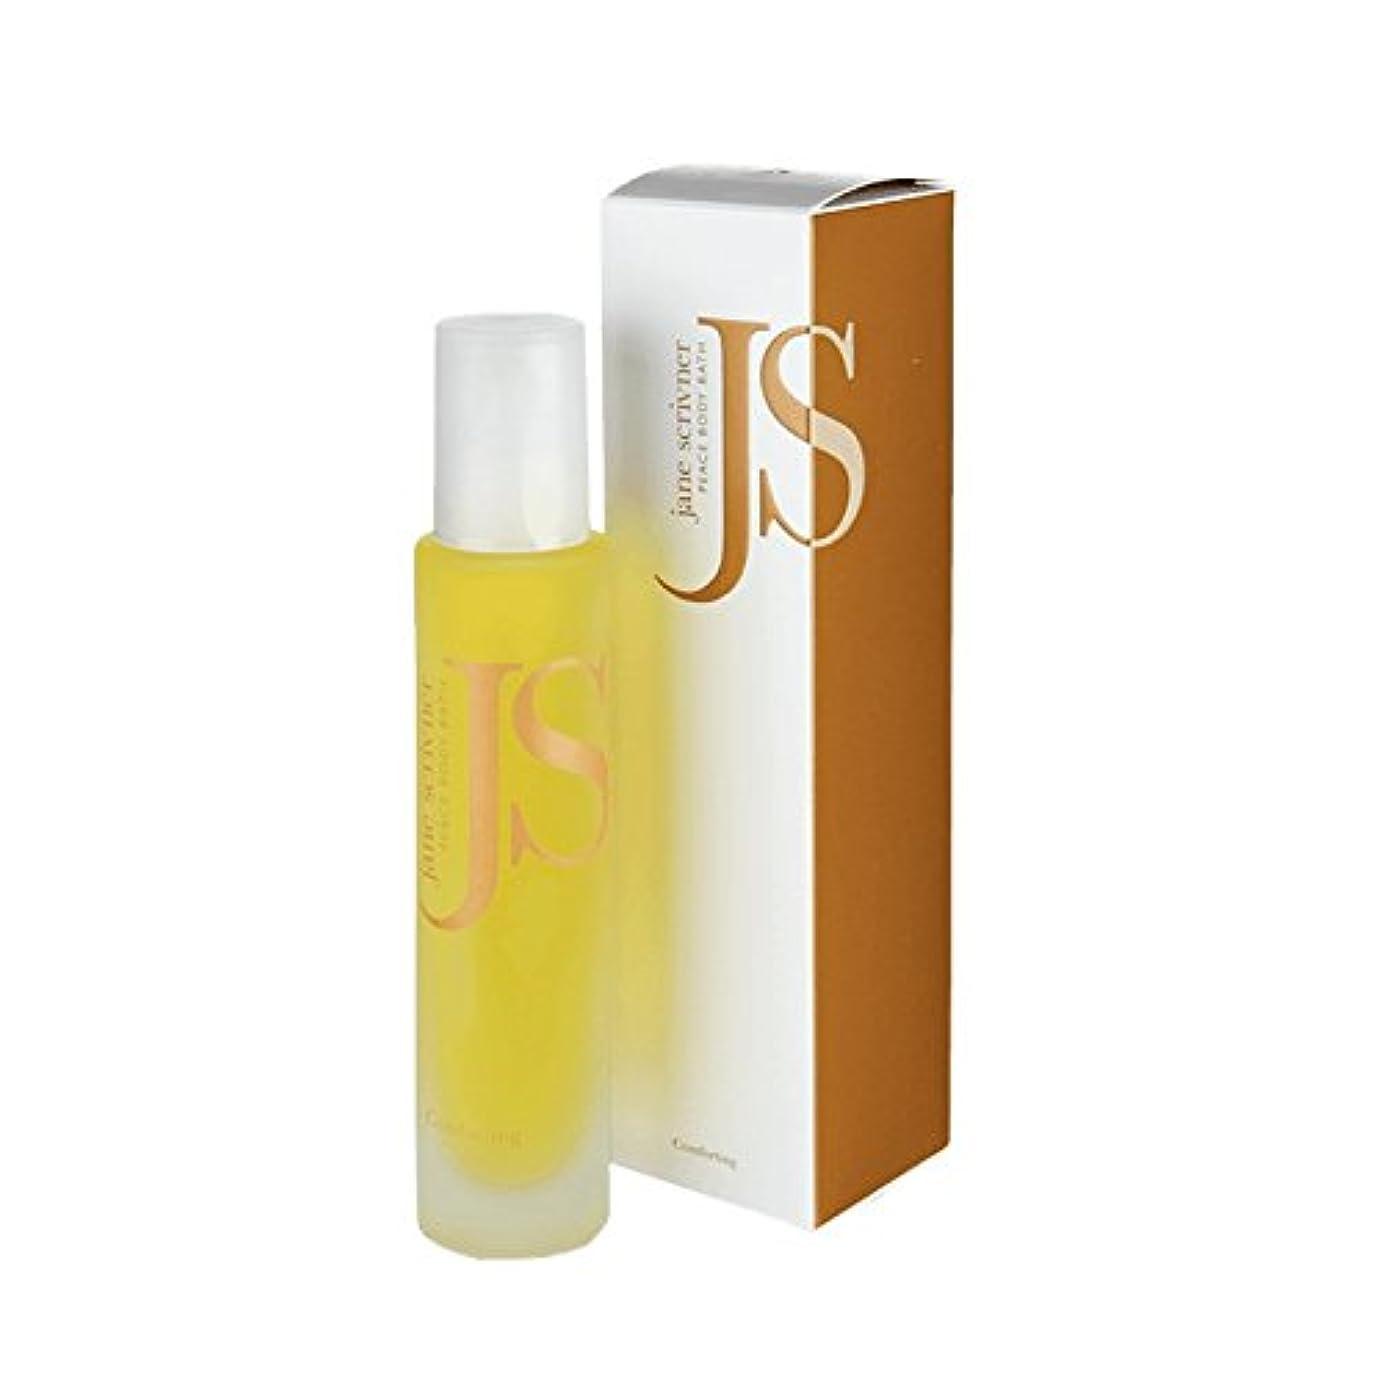 政権理解豊かなJane Scrivner Body Bath Oil Peace 100ml (Pack of 2) - ジェーンScrivnerボディバスオイル平和100ミリリットル (x2) [並行輸入品]